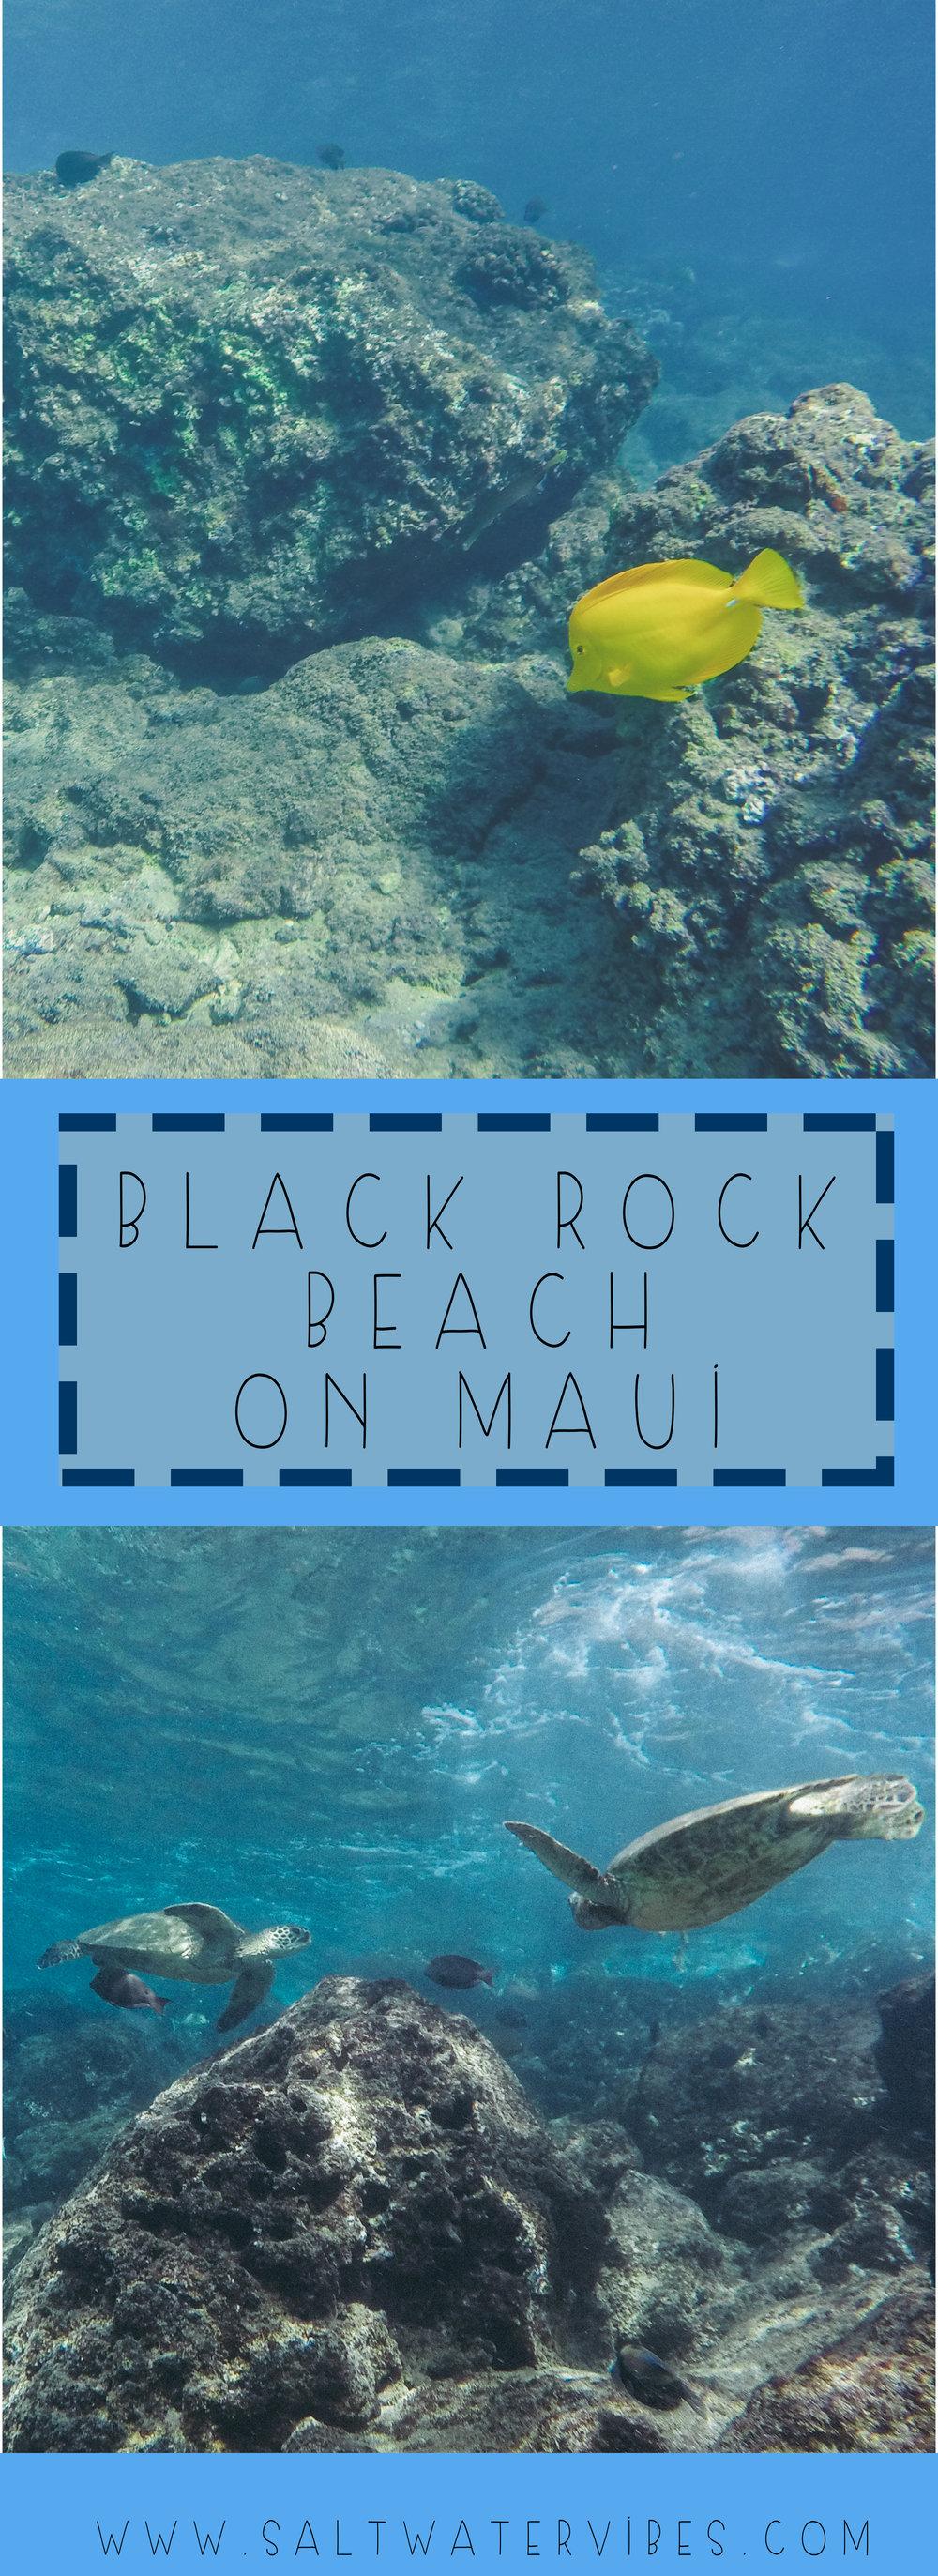 Black rock beach pin .jpg